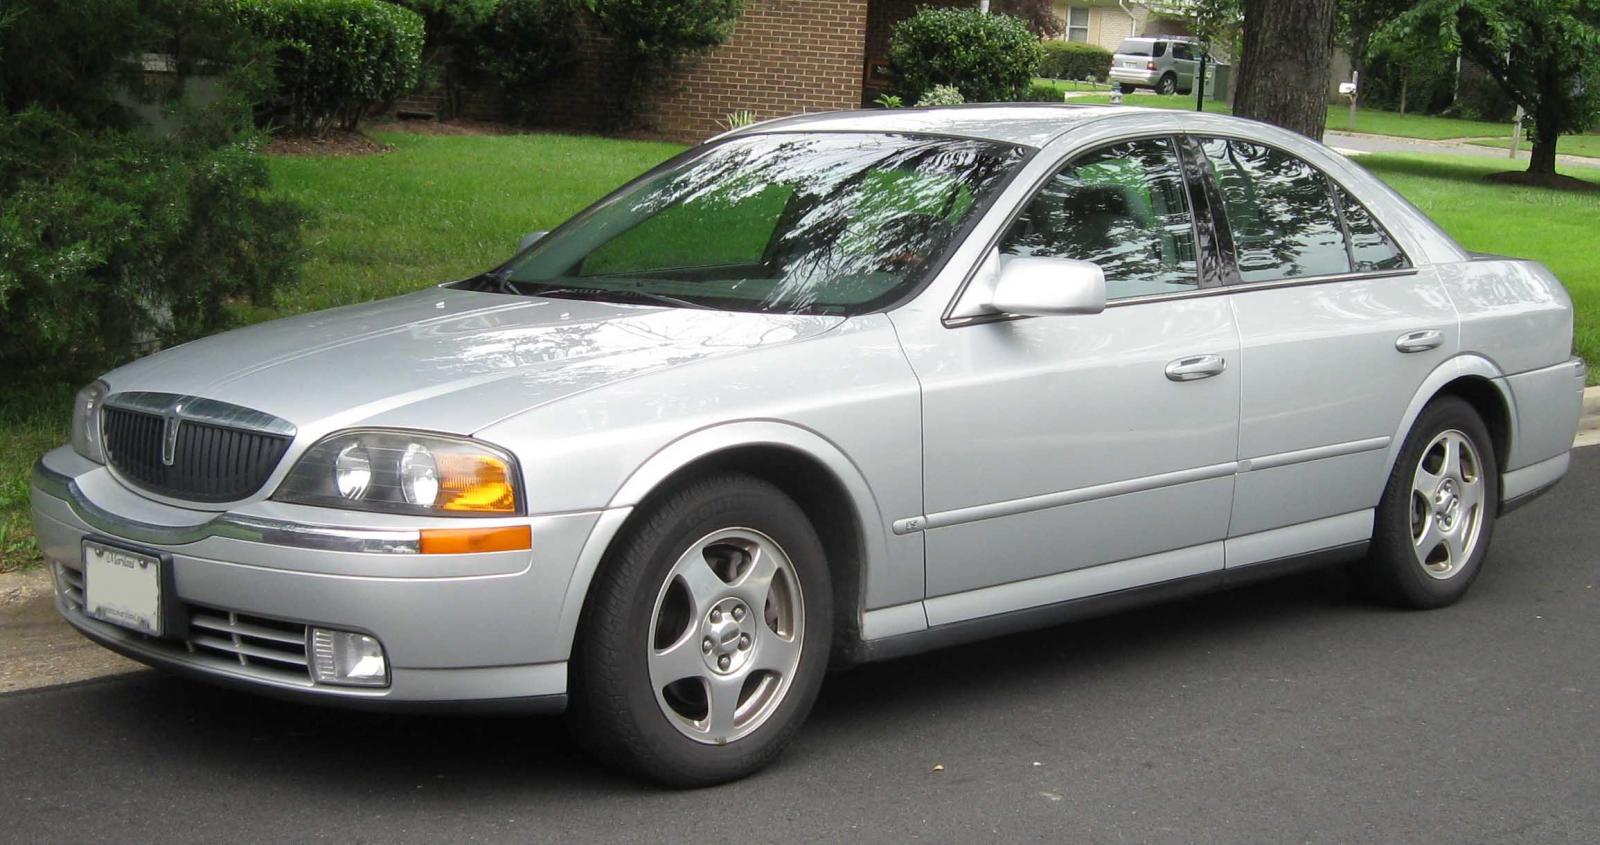 2000 Lincoln LS #3 Lincoln LS #3 800 1024 1280 1600 origin ...